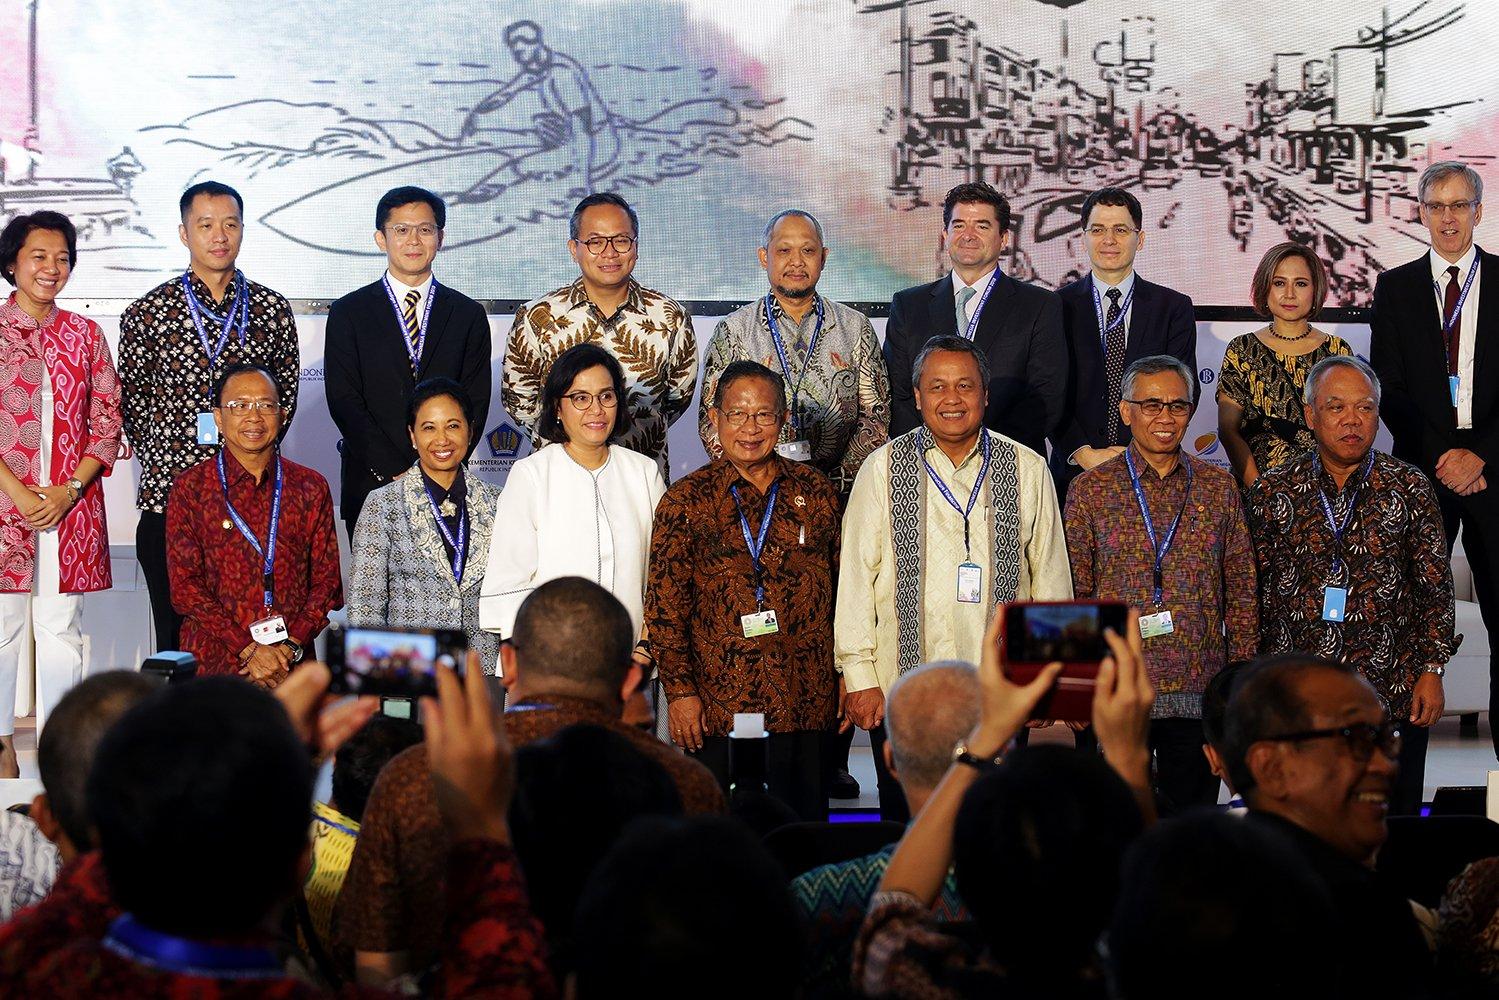 Indonesia Investment Forum 2018 salah satu topik pembiayaan infrastruktur ini dipilih mengingat Indonesia, sebagai negara berkembang, masih membutuhkan pembangunan infrastruktur. Salah satu kunci kesuksesan pembangunan tersebut adalah pembiayaan yang tak hanya bergantung kepada Pemerintah, melainkan didukung oleh pembiayaan swasta.